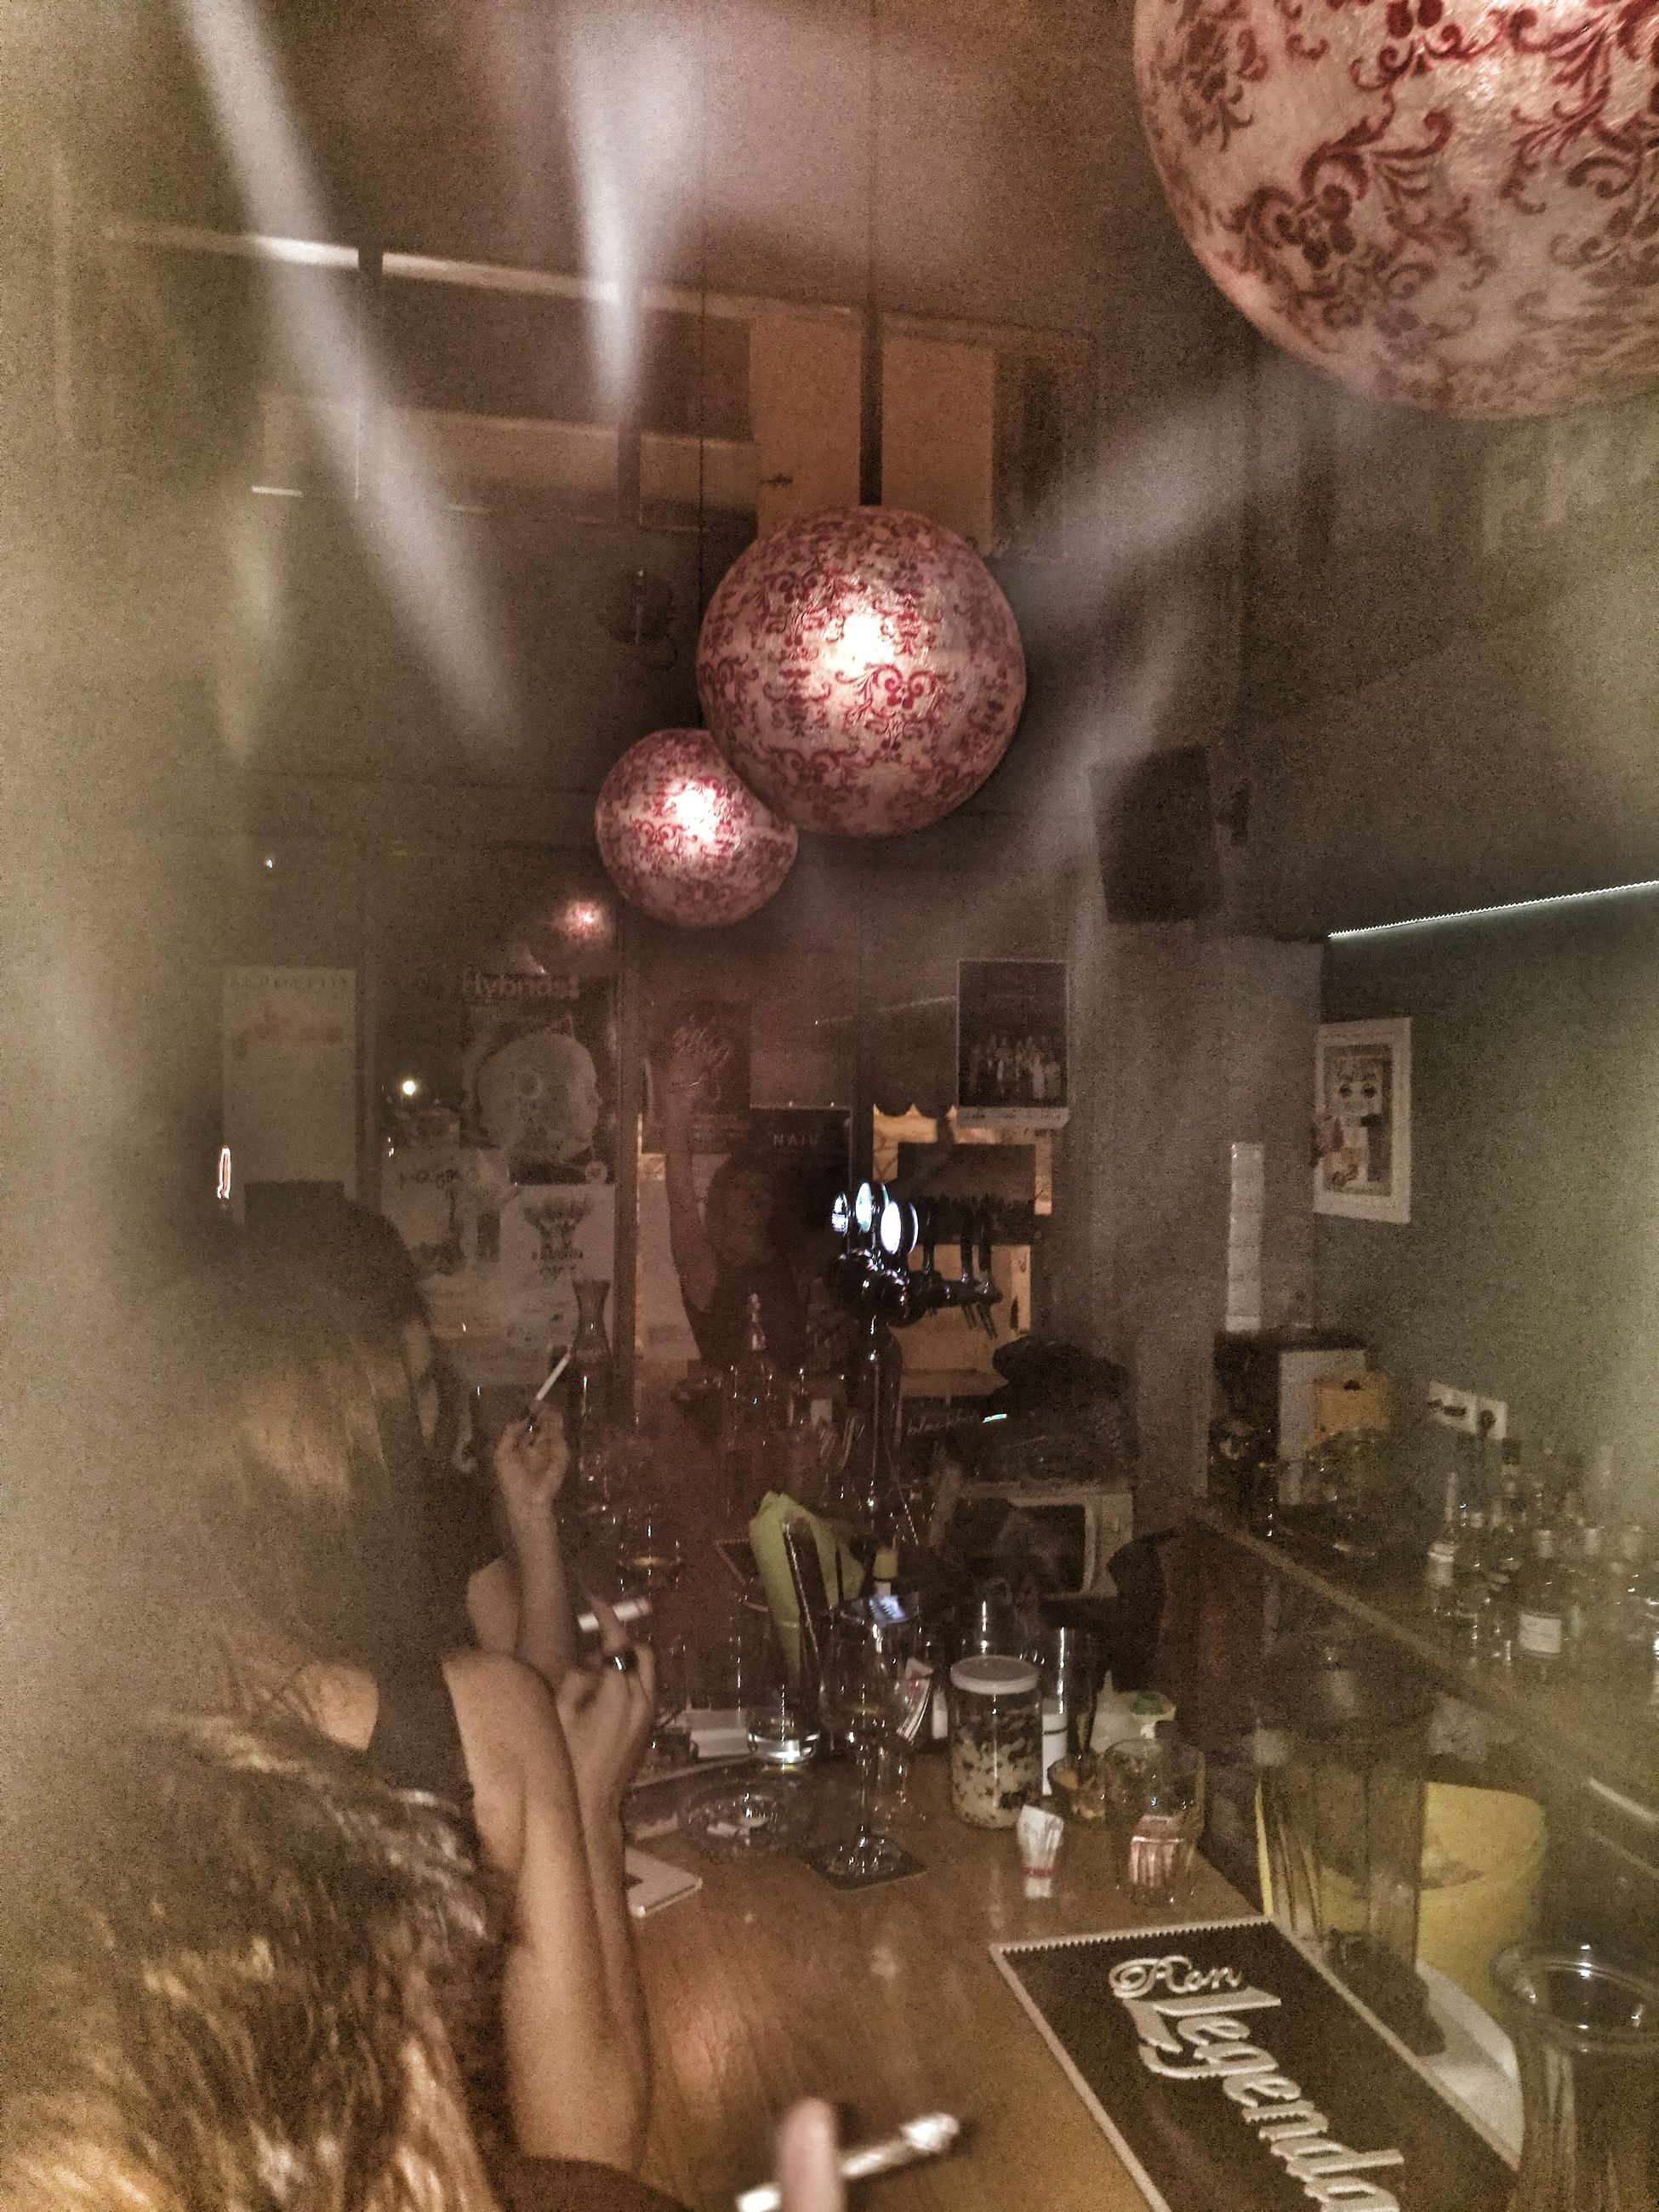 Athens Night Bar Fraubar Frau Nightout Smoke Drinks HuaweiP9 Huaweiphotography Huawei Huawei P9 Leica